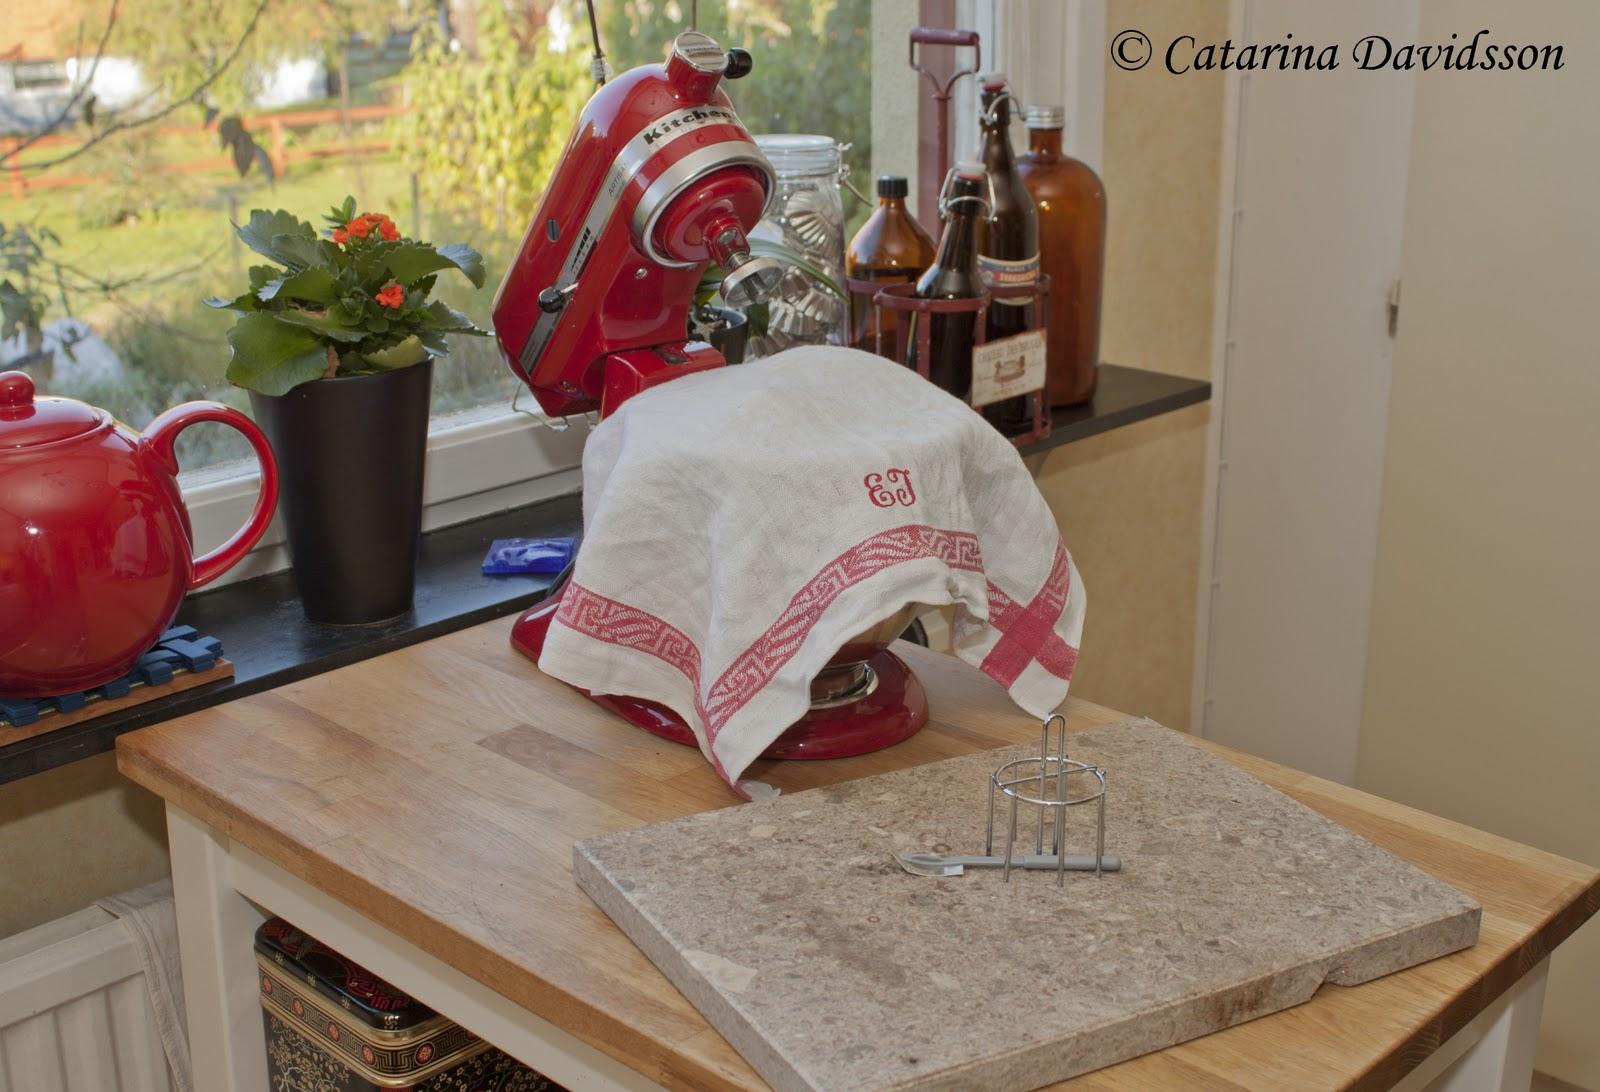 Marmorskiva Koket : KA hjolper mig med det mesta i koket, allt utom de stora